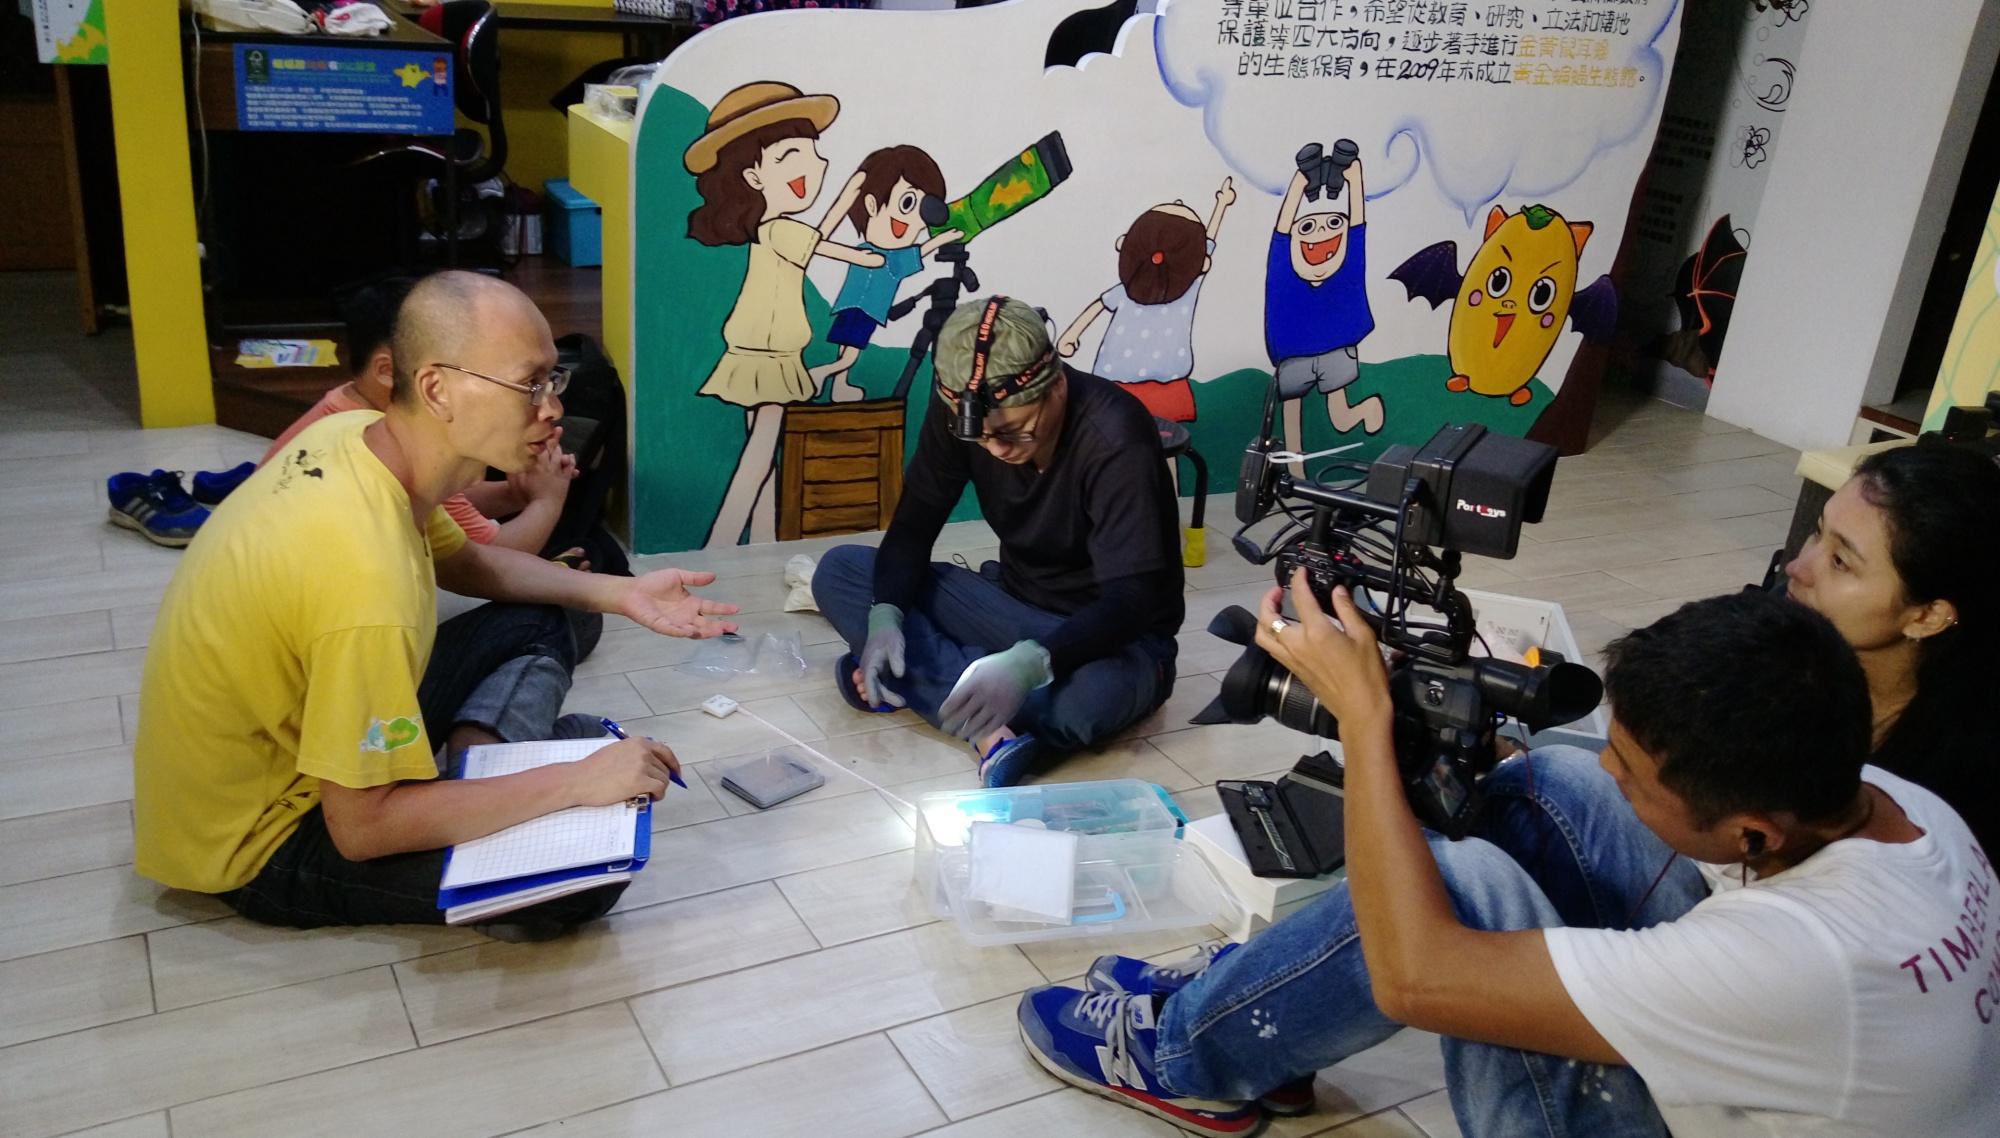 2016年9月大愛電視台小人物大英雄節目錄影